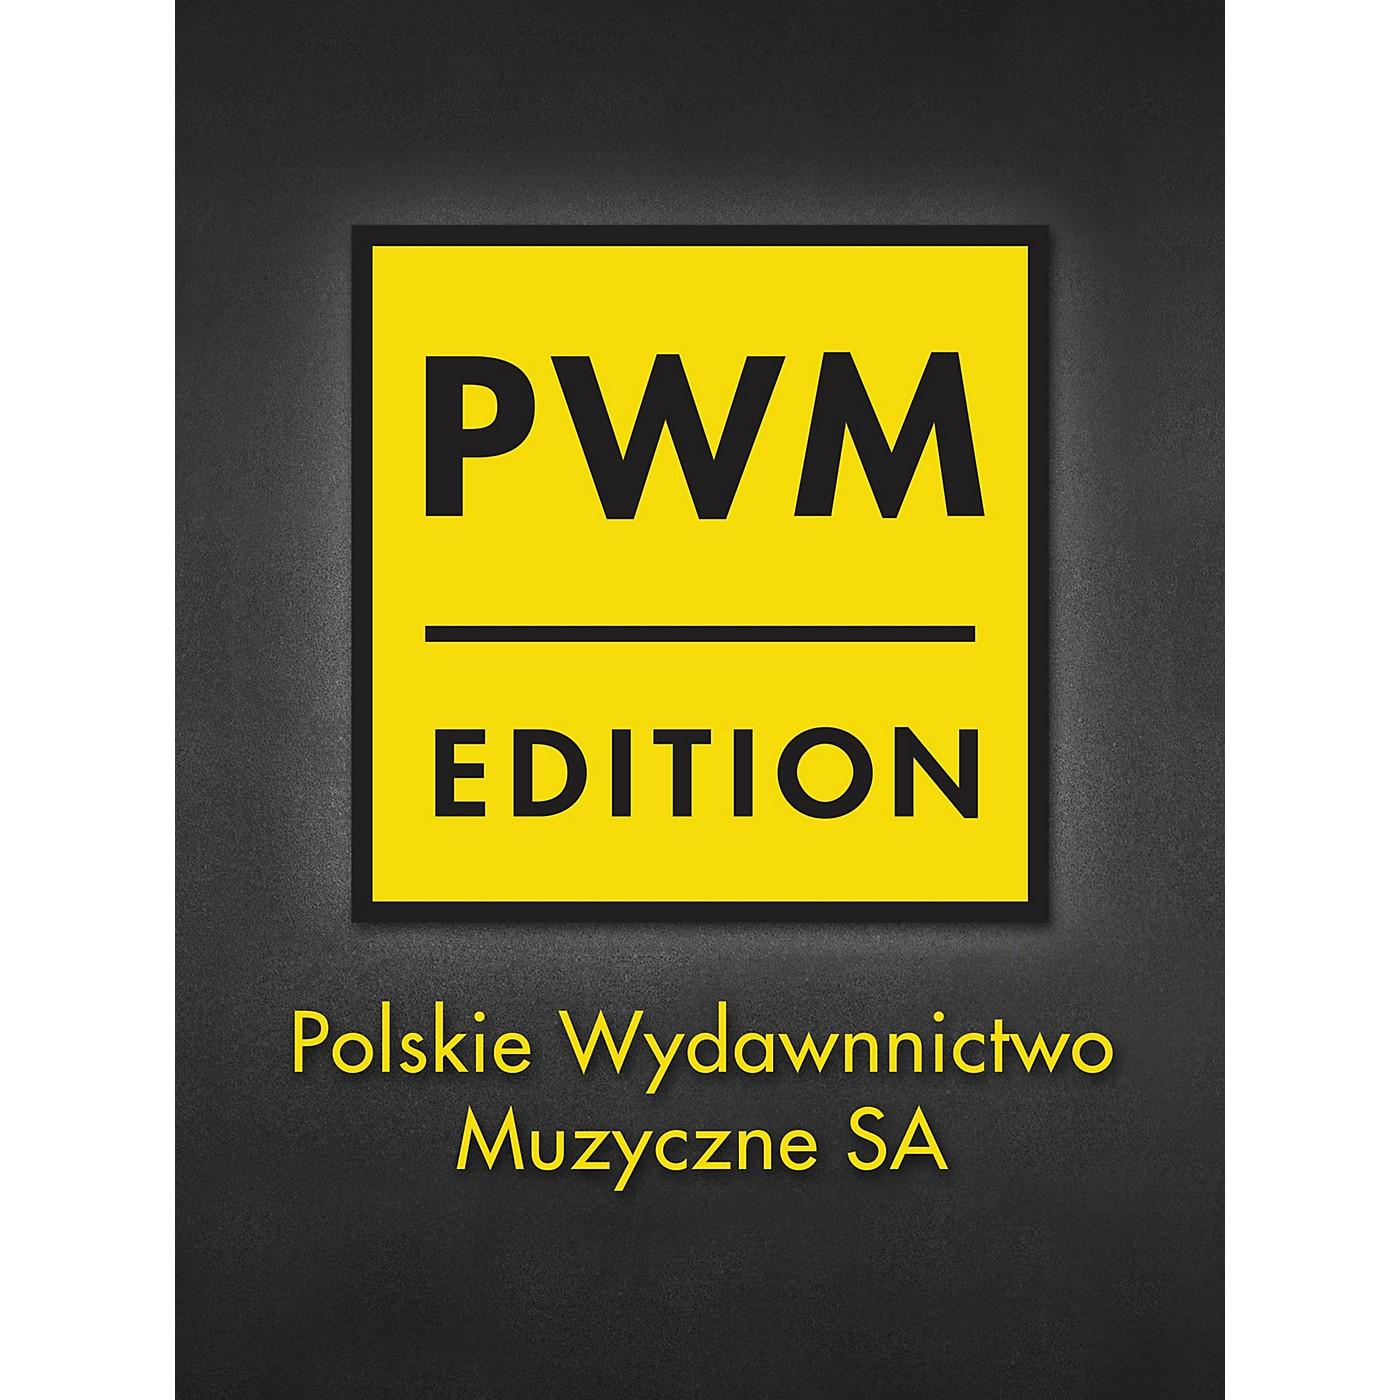 PWM L'ecole Moderne Etudes-caprices Op.10 Pour Violon Seul, S.a. Vol.6 PWM Series Composed by H Wieniawski thumbnail